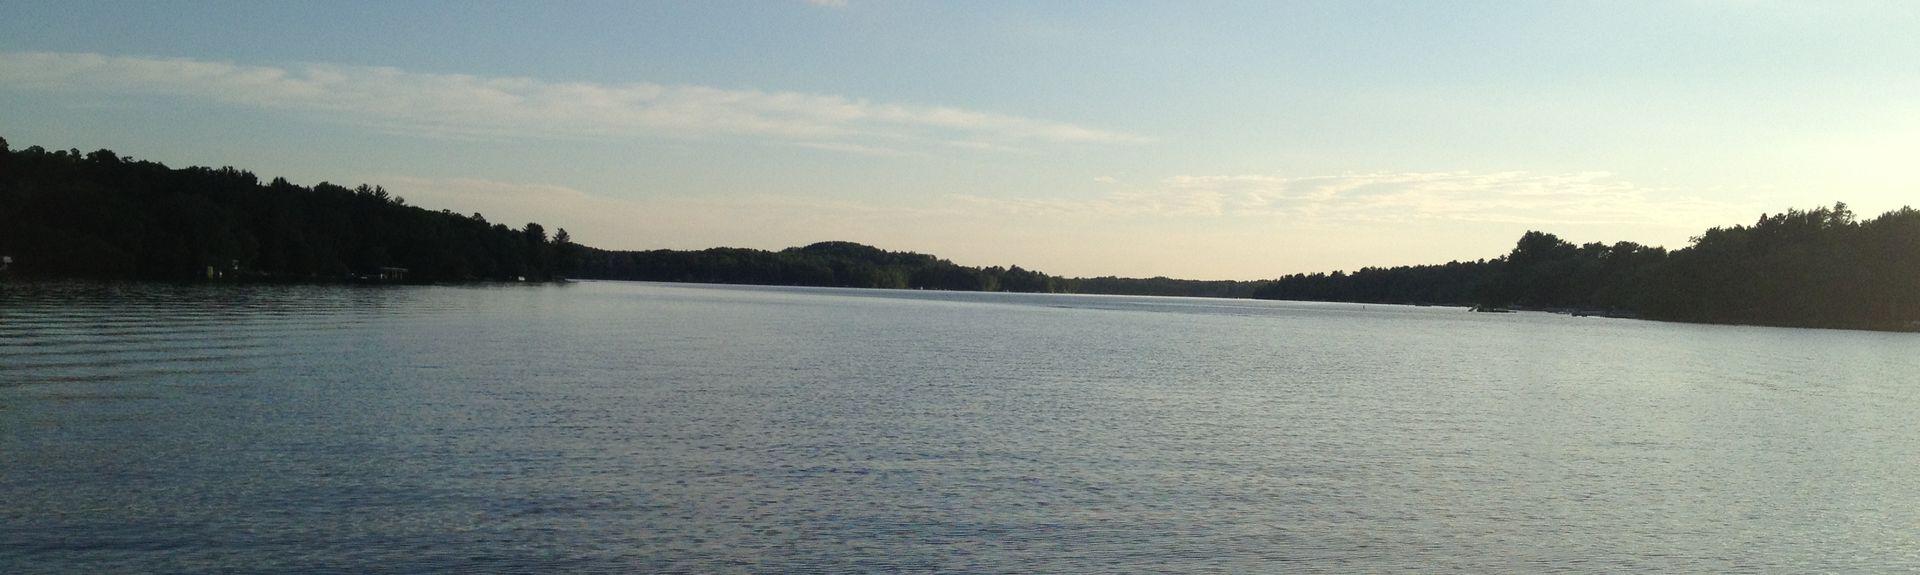 Lake Nebagamon, Wisconsin, United States of America